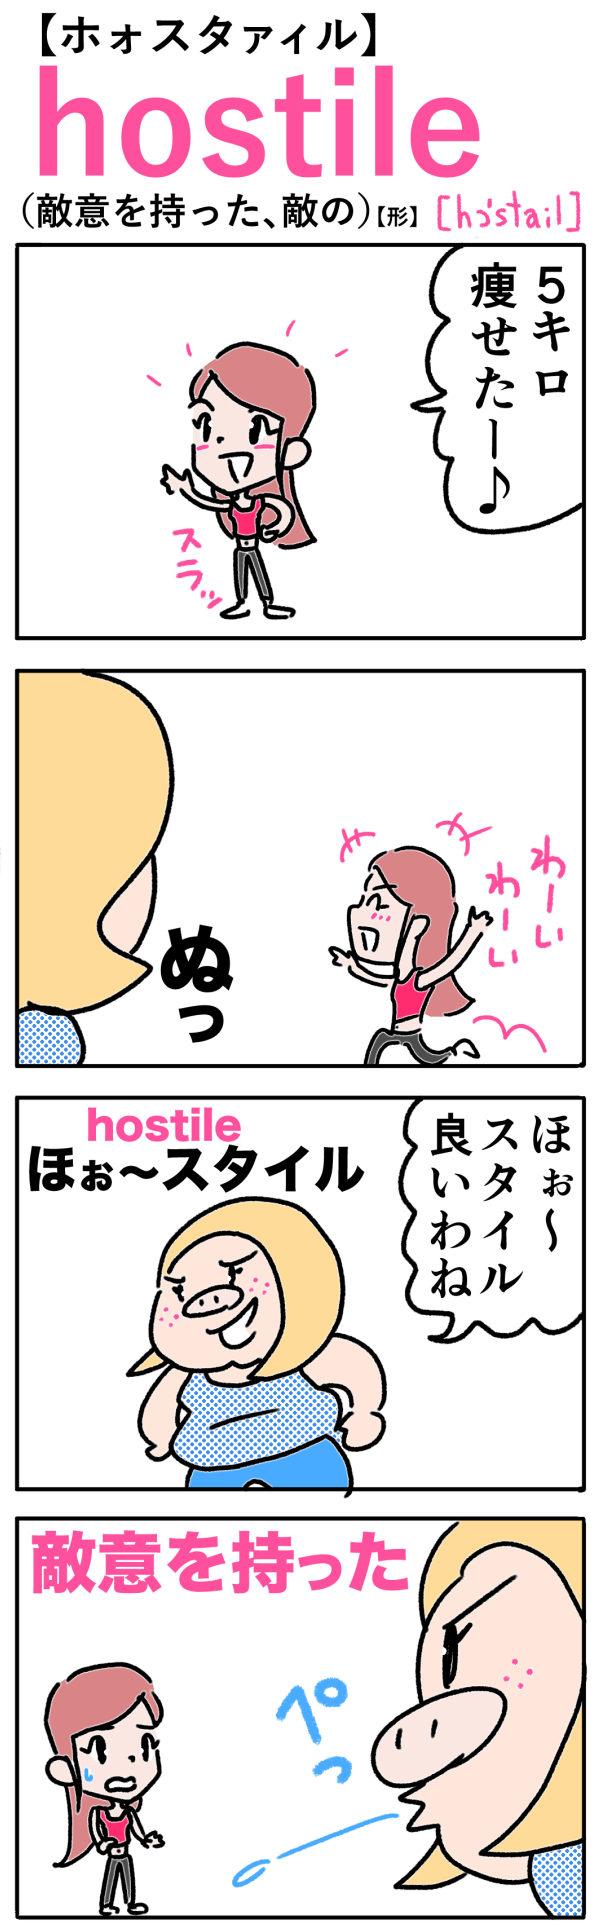 hostile(敵意を持った)の語呂合わせ英単語